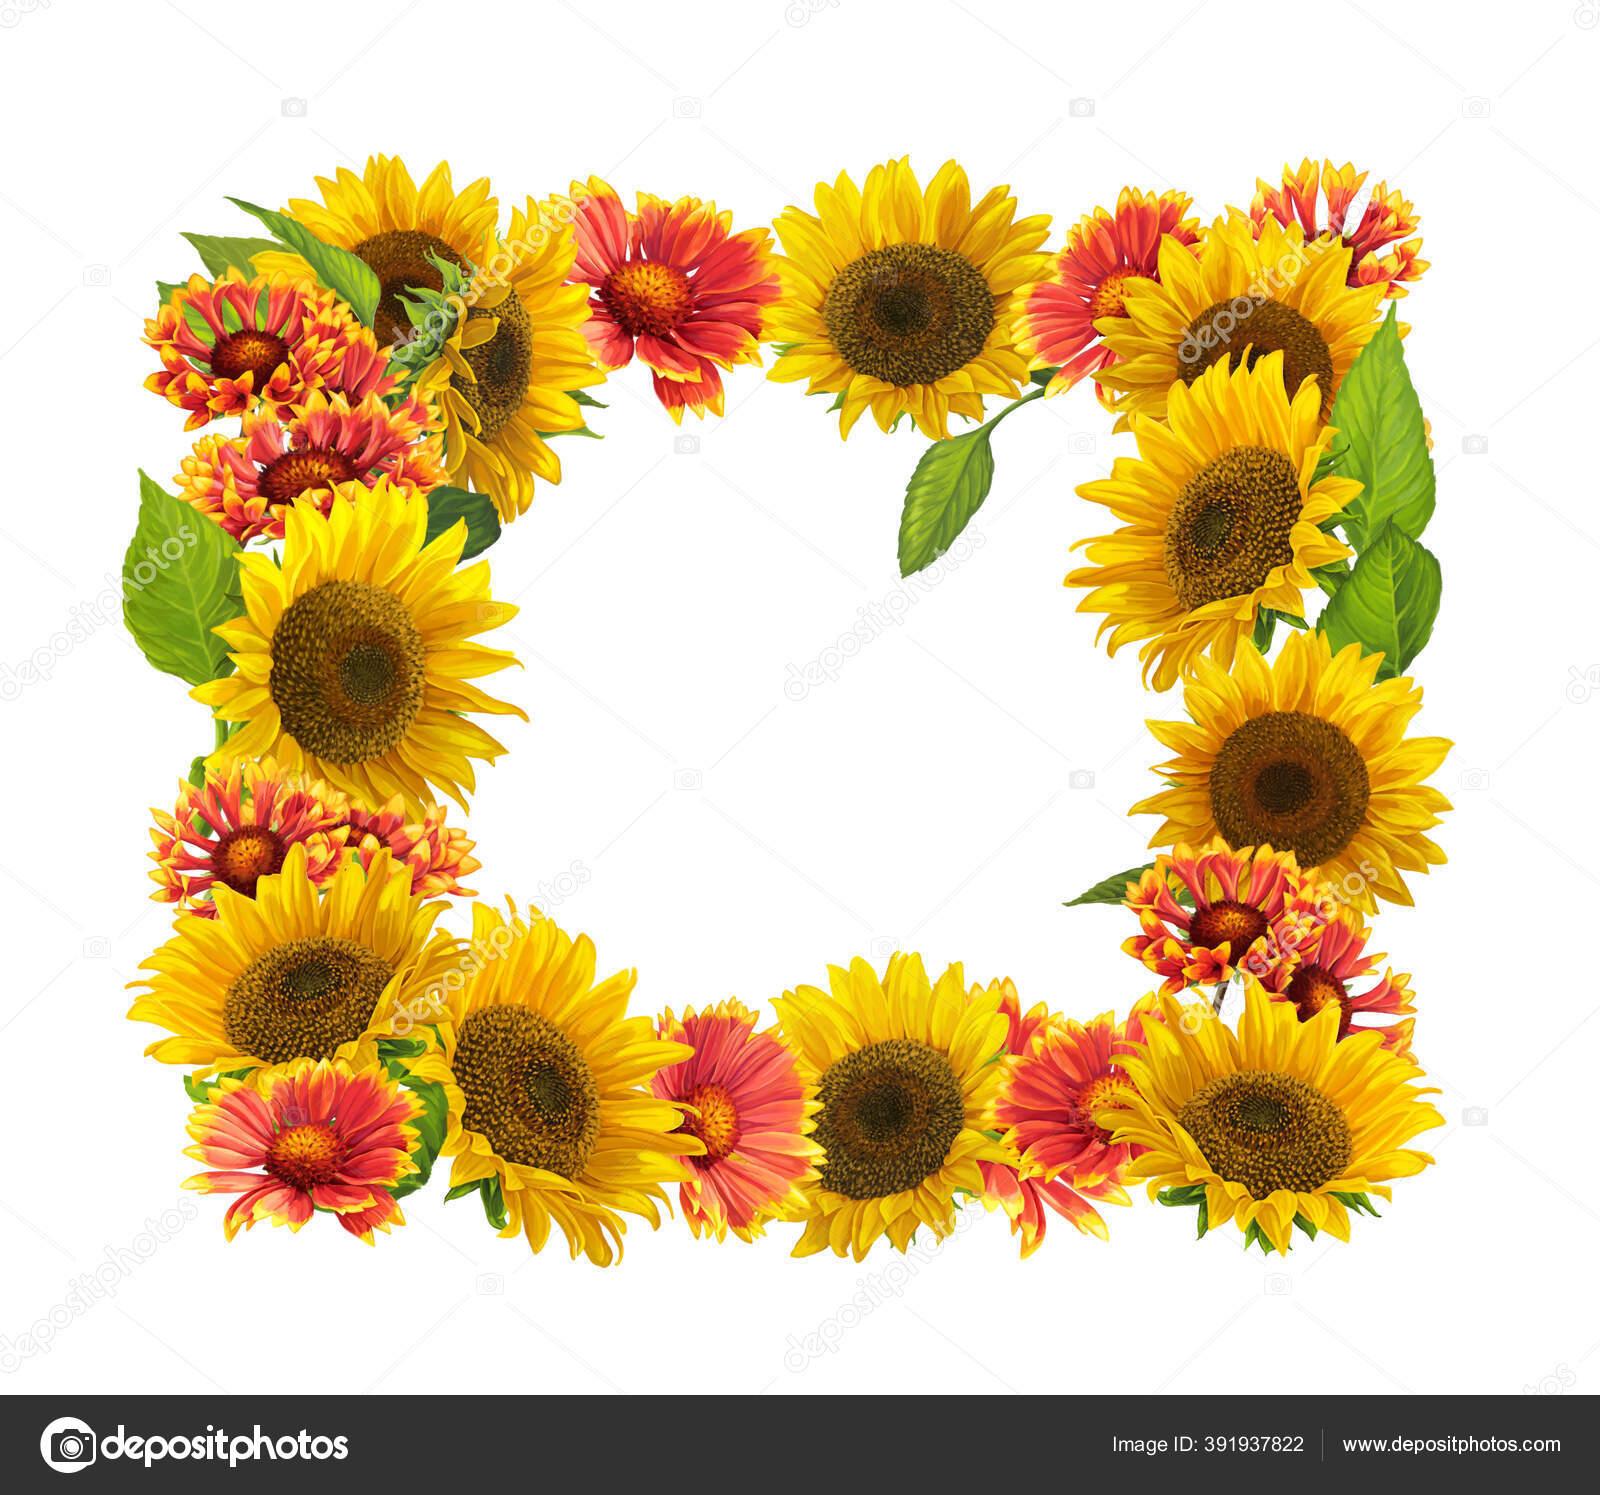 Adegan Kartun Dengan Bunga Yang Indah Dan Berwarna Warni Dengan Stok Foto C Agaes8080 391937822